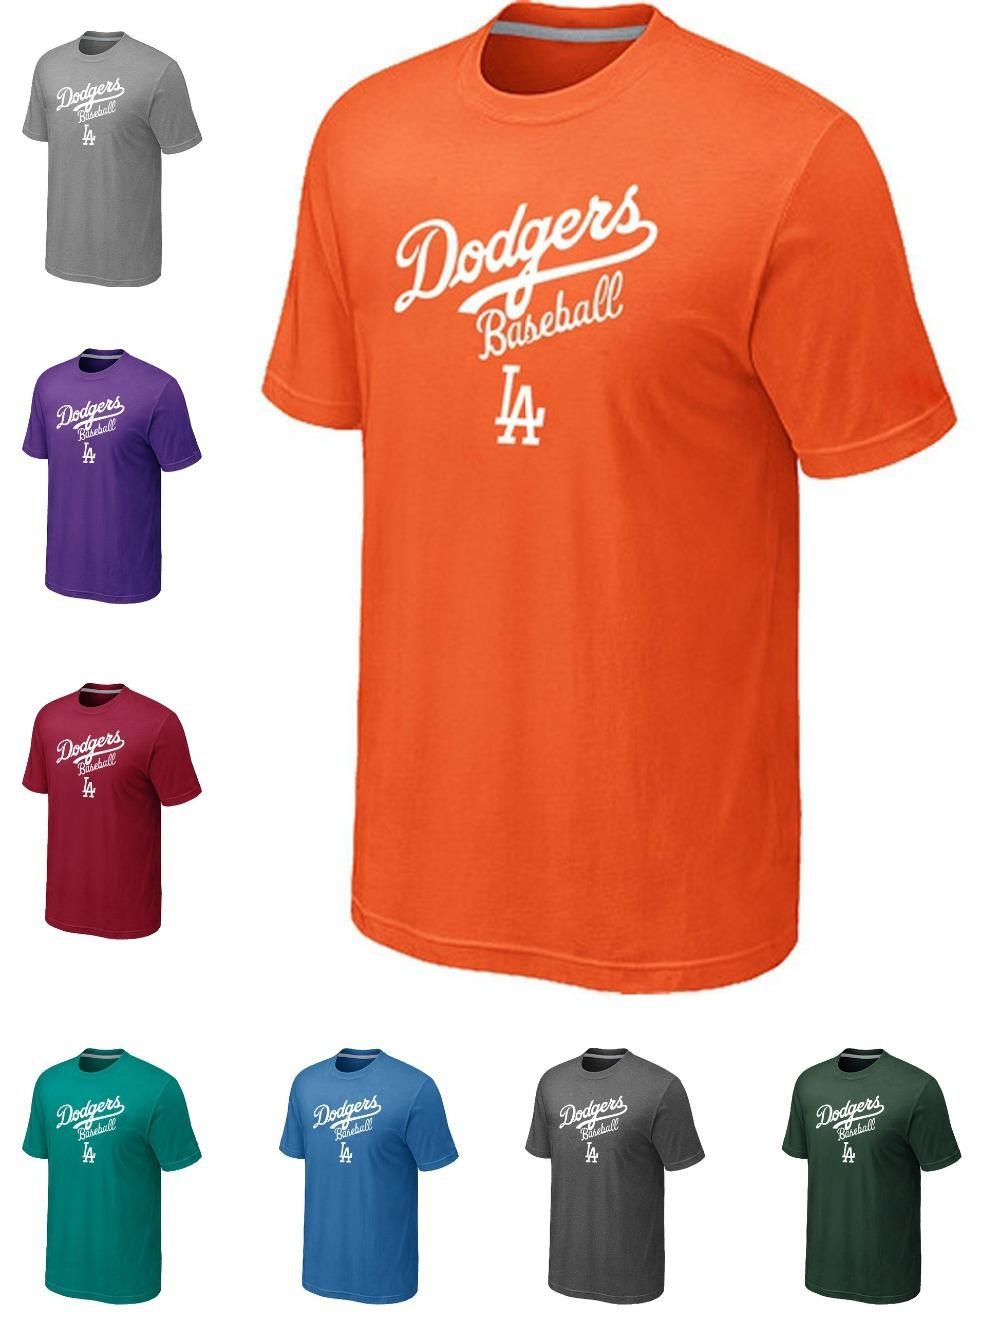 cheap dodgers shirts